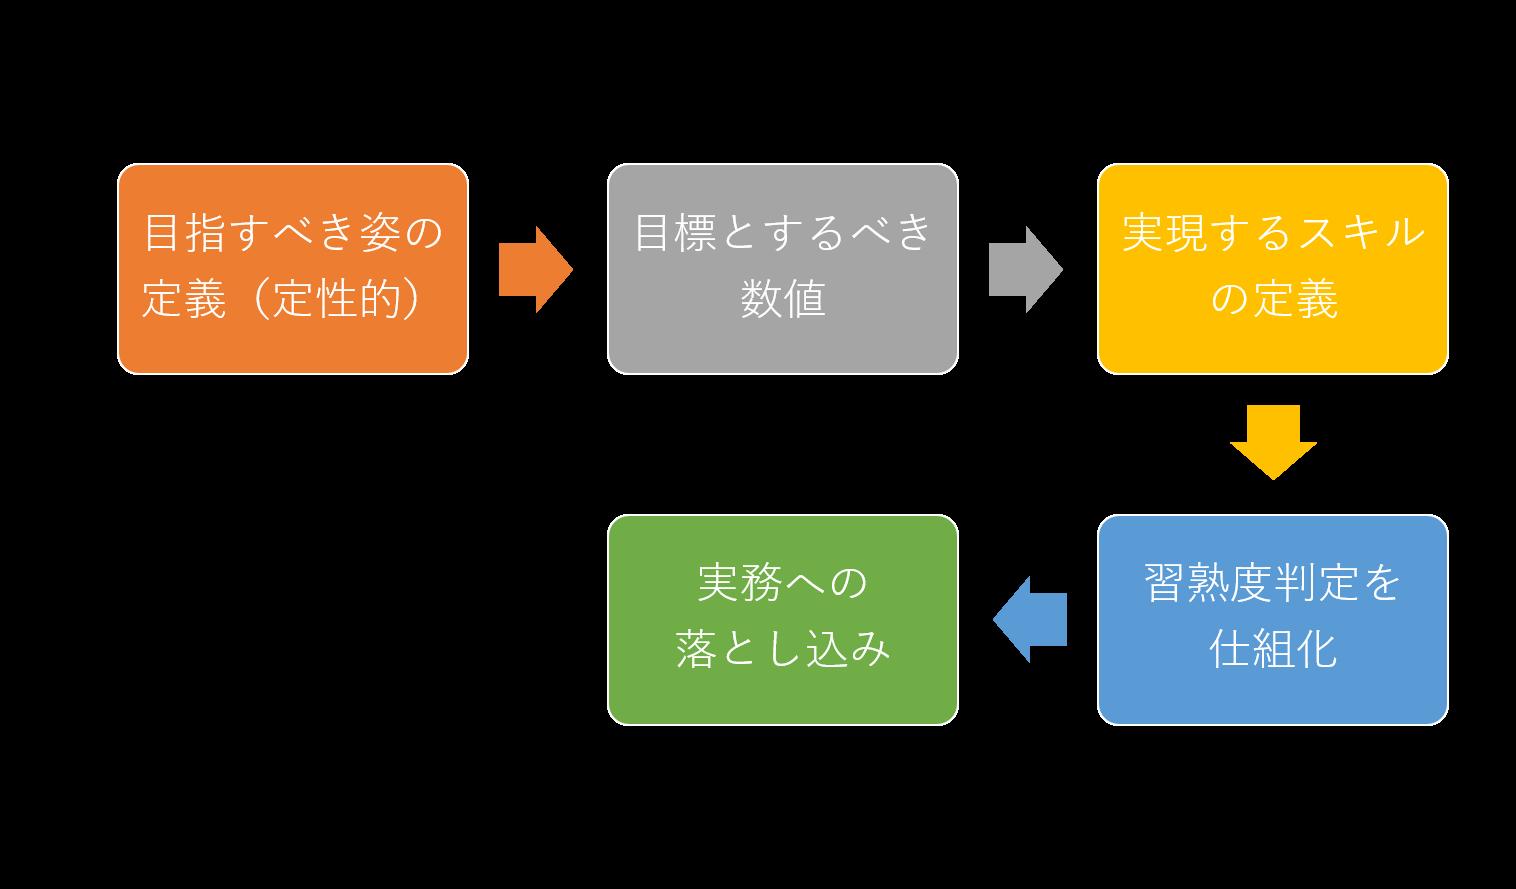 デジタルマーケティング組織開発イメージ図